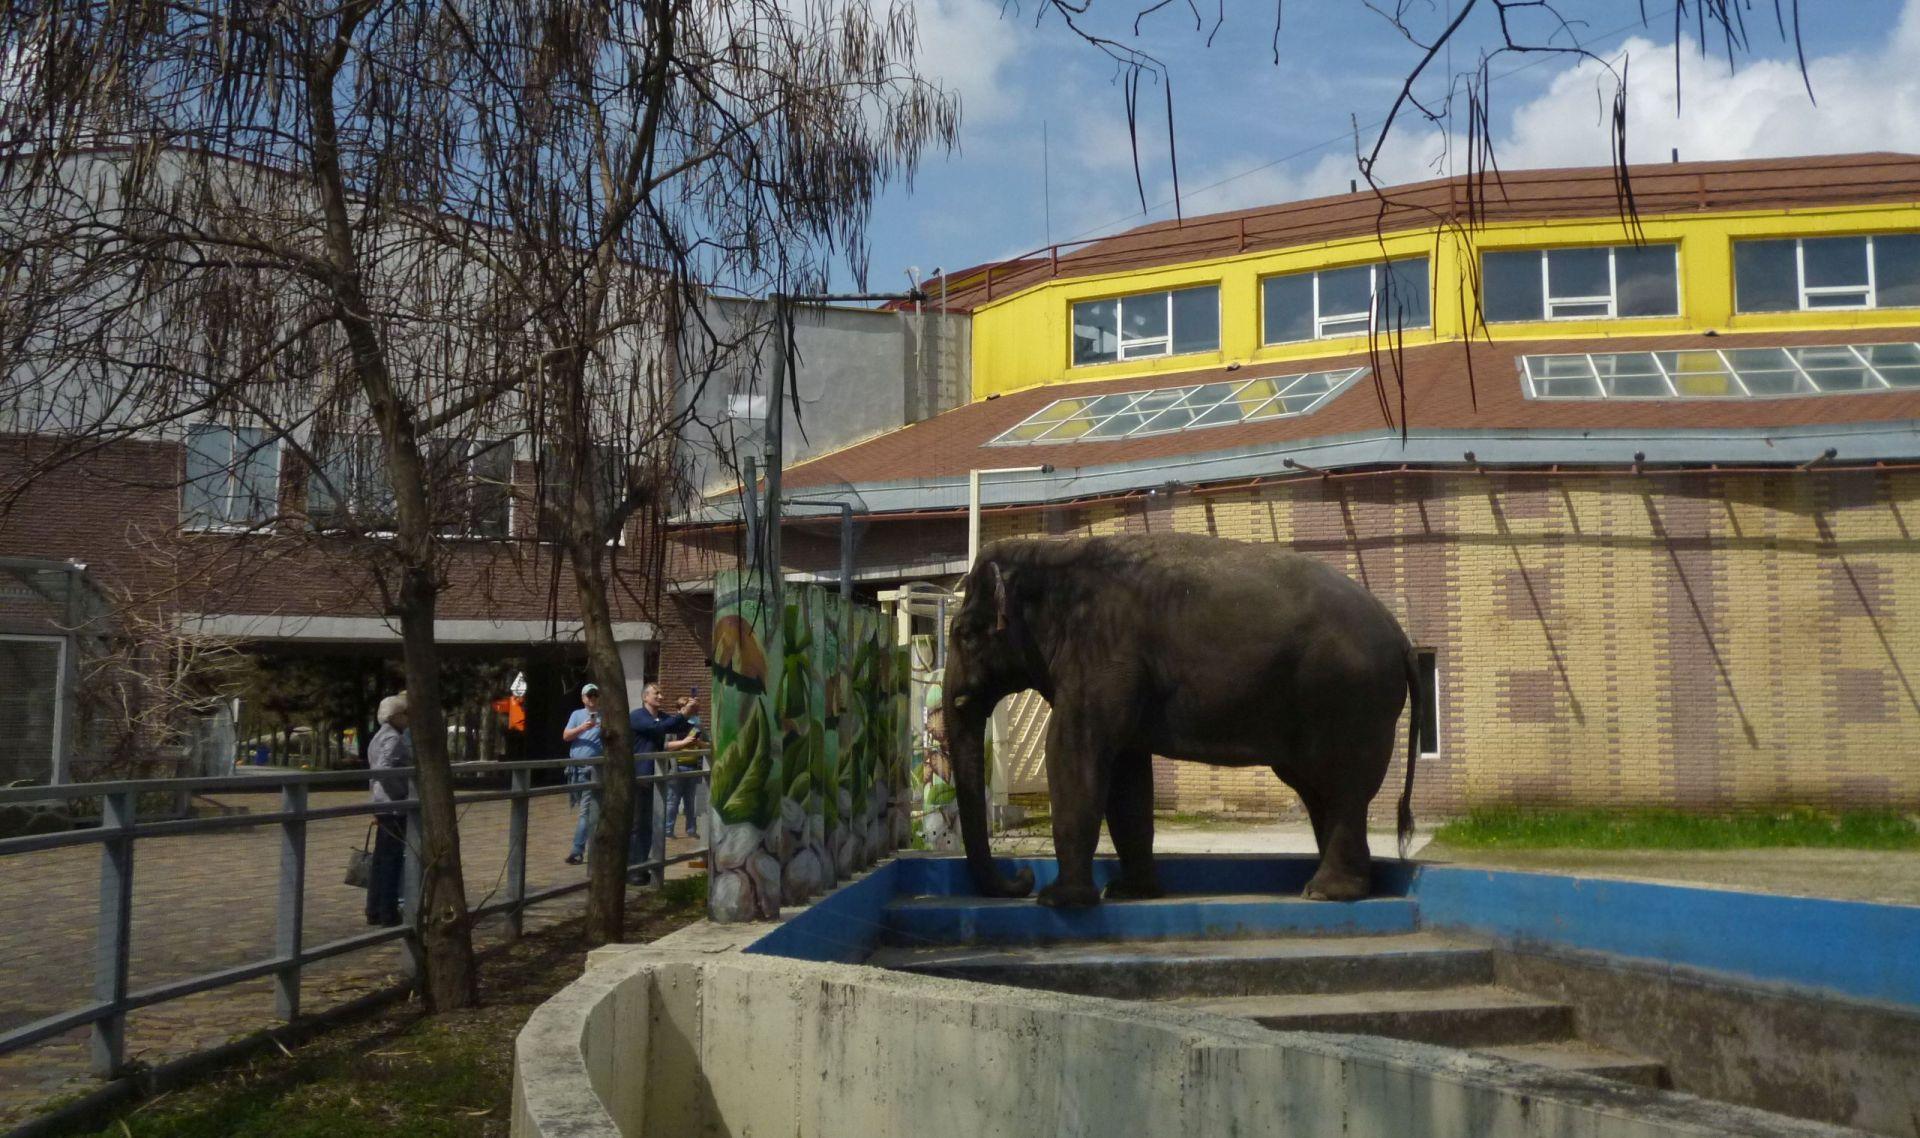 Ростовский зоопарк становится всё более открытым